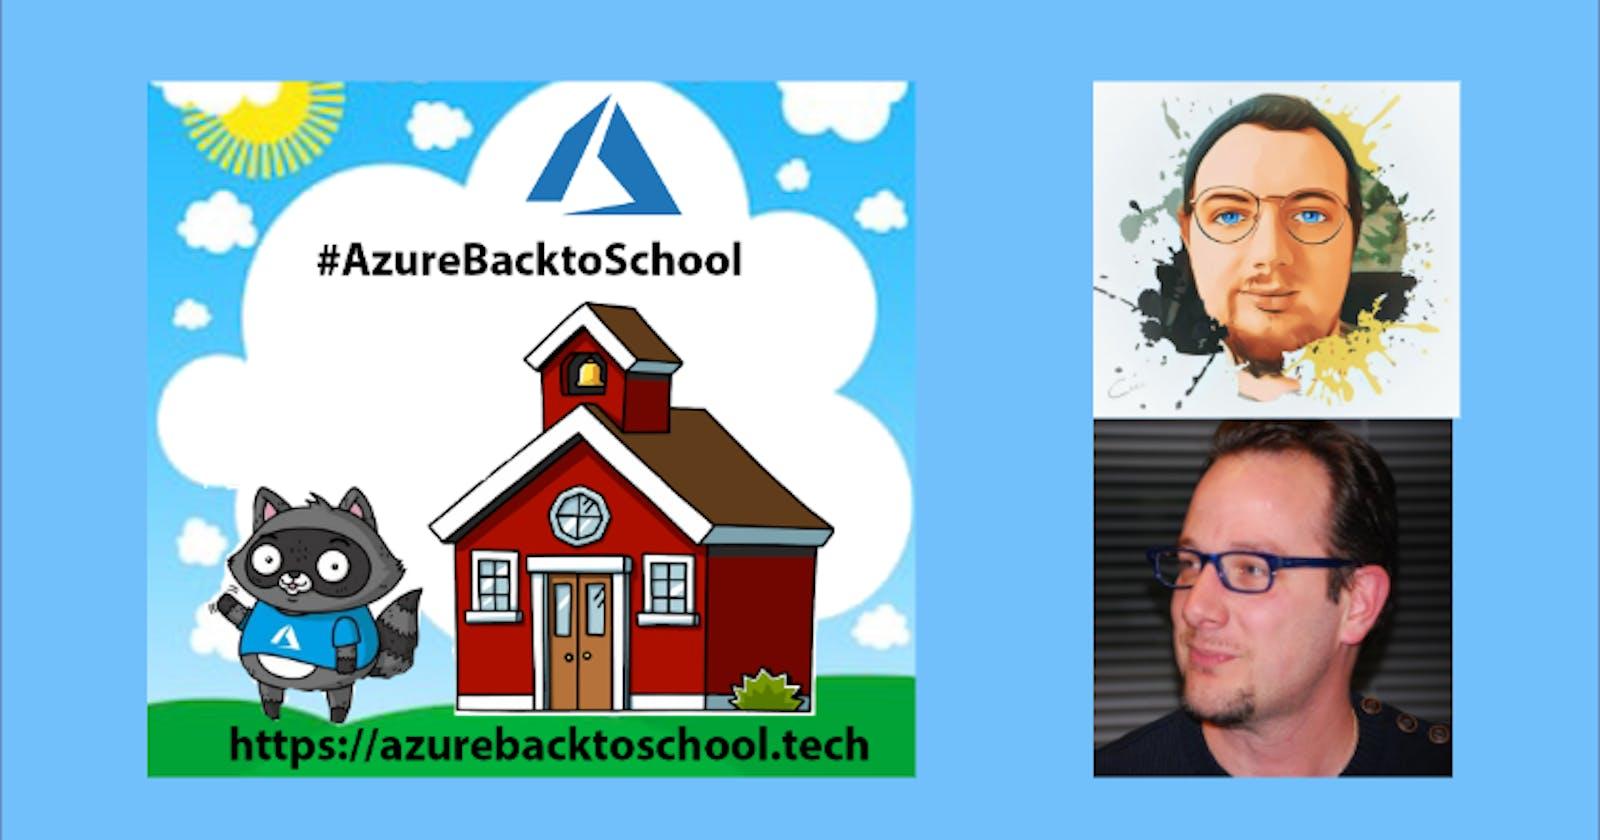 Azure Back to School Event with Peter De Tender